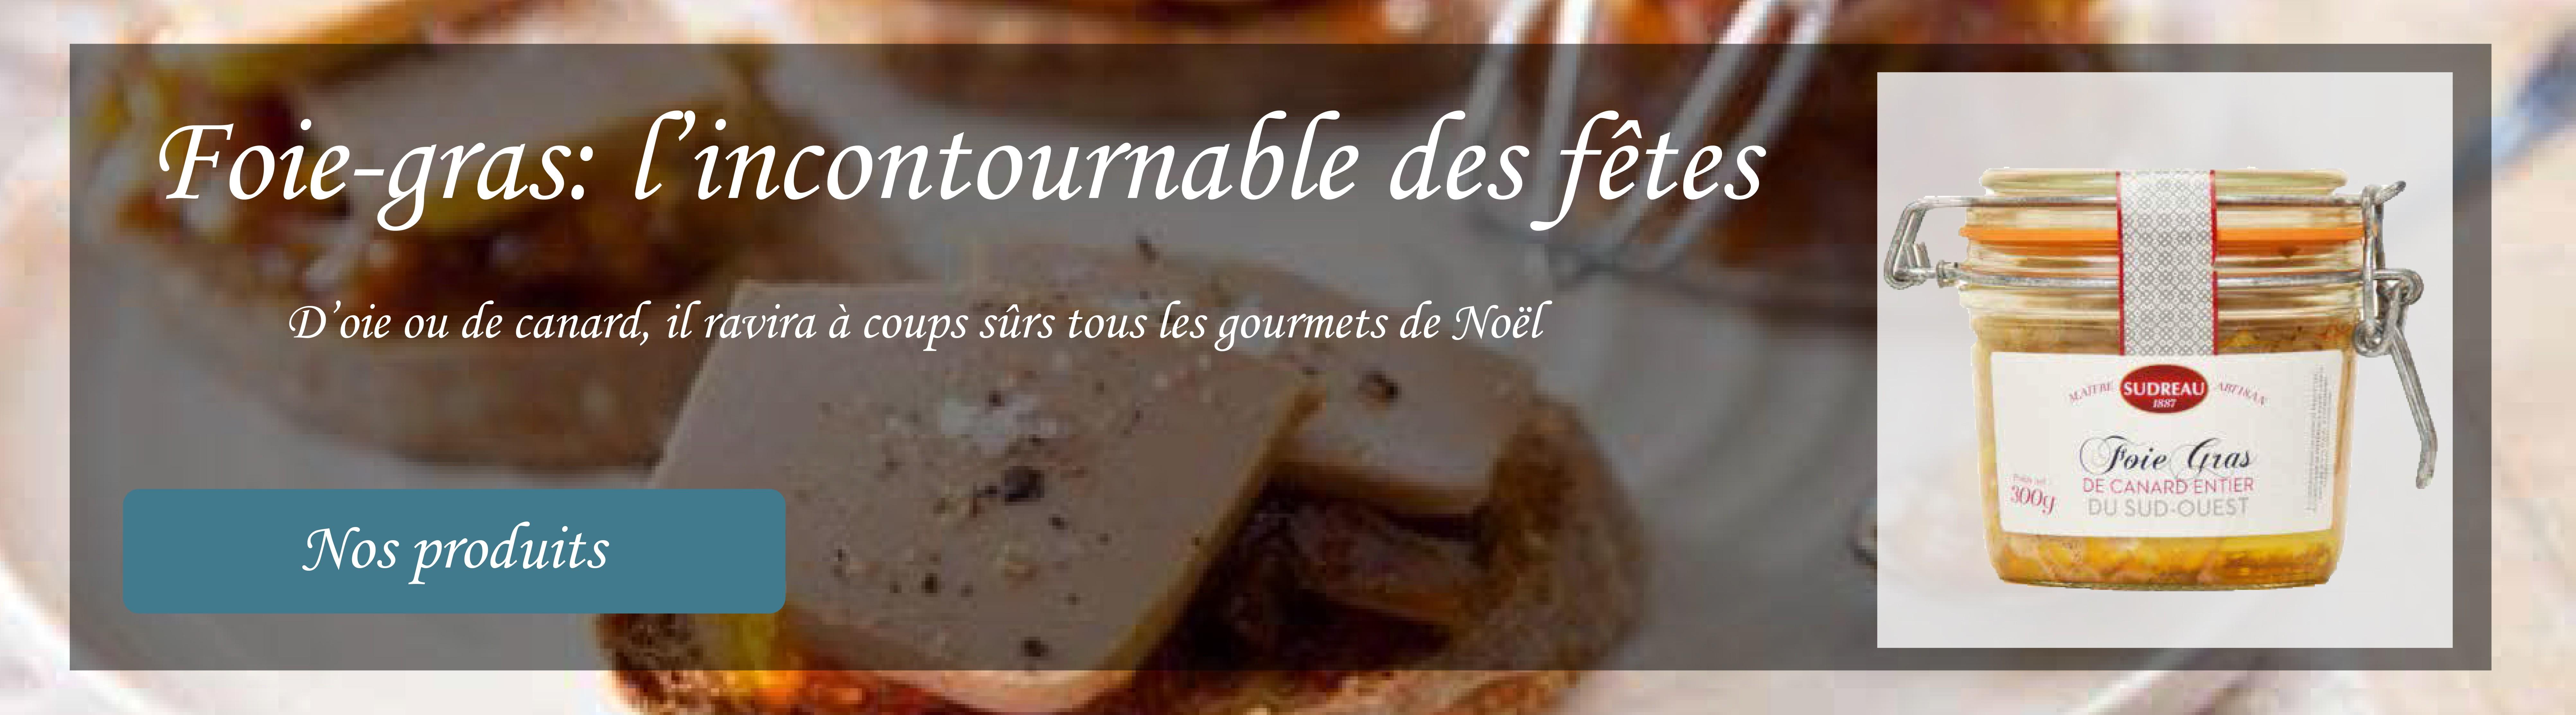 Un incontournable des fêtes en 100% local grâce aux foie-gras artisanaux Maison Sudreau